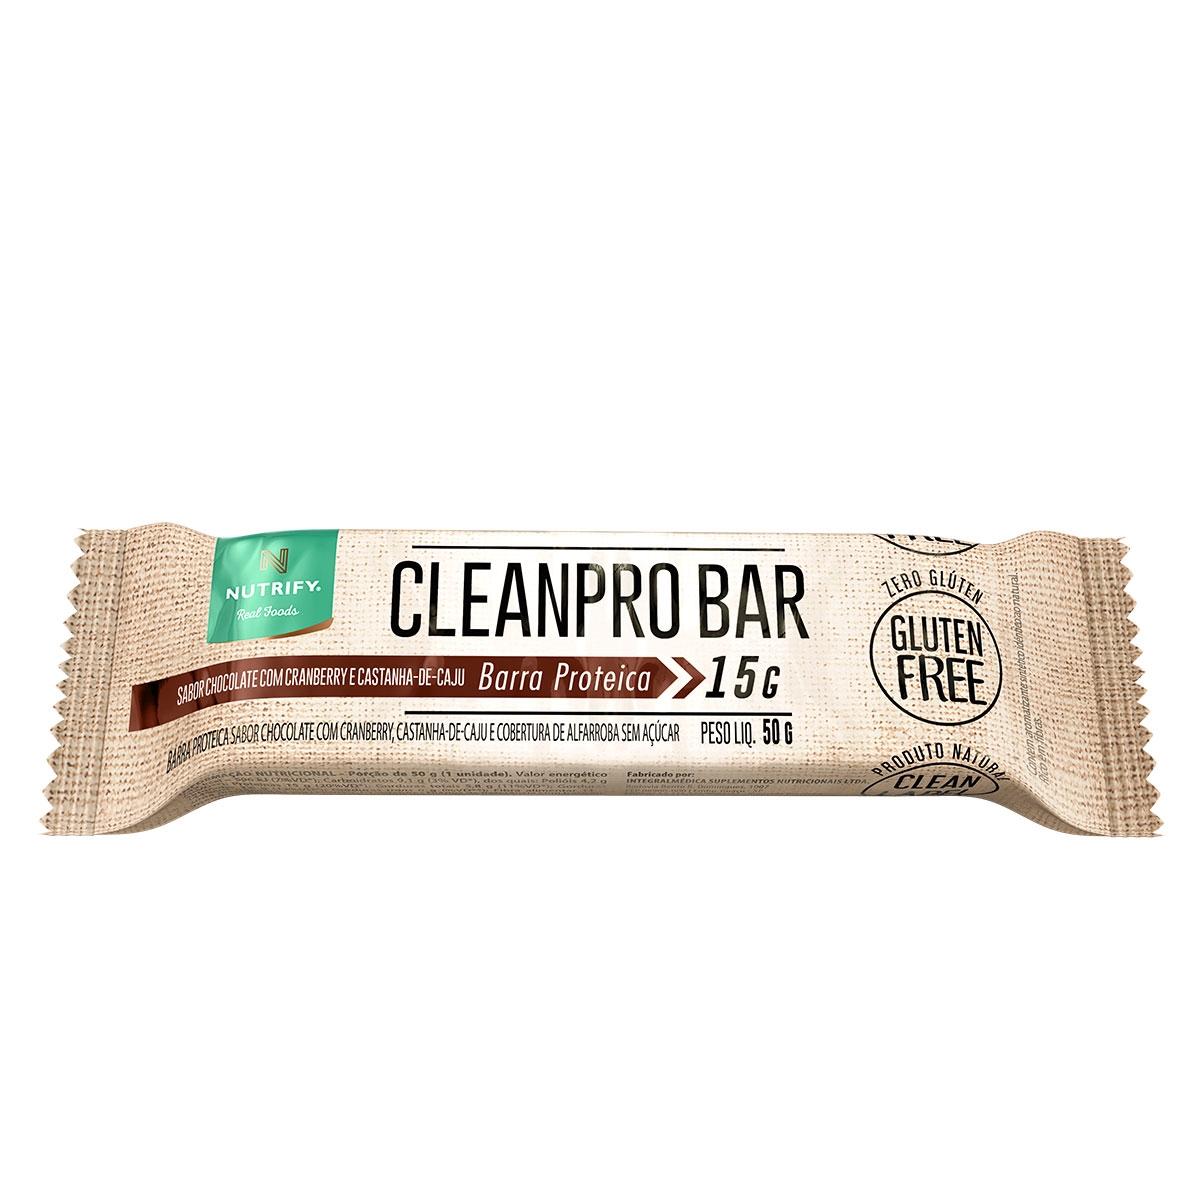 b3d72aac0 CleanPro Bar Barra de Proteína 50g Nutrify Sabores variados